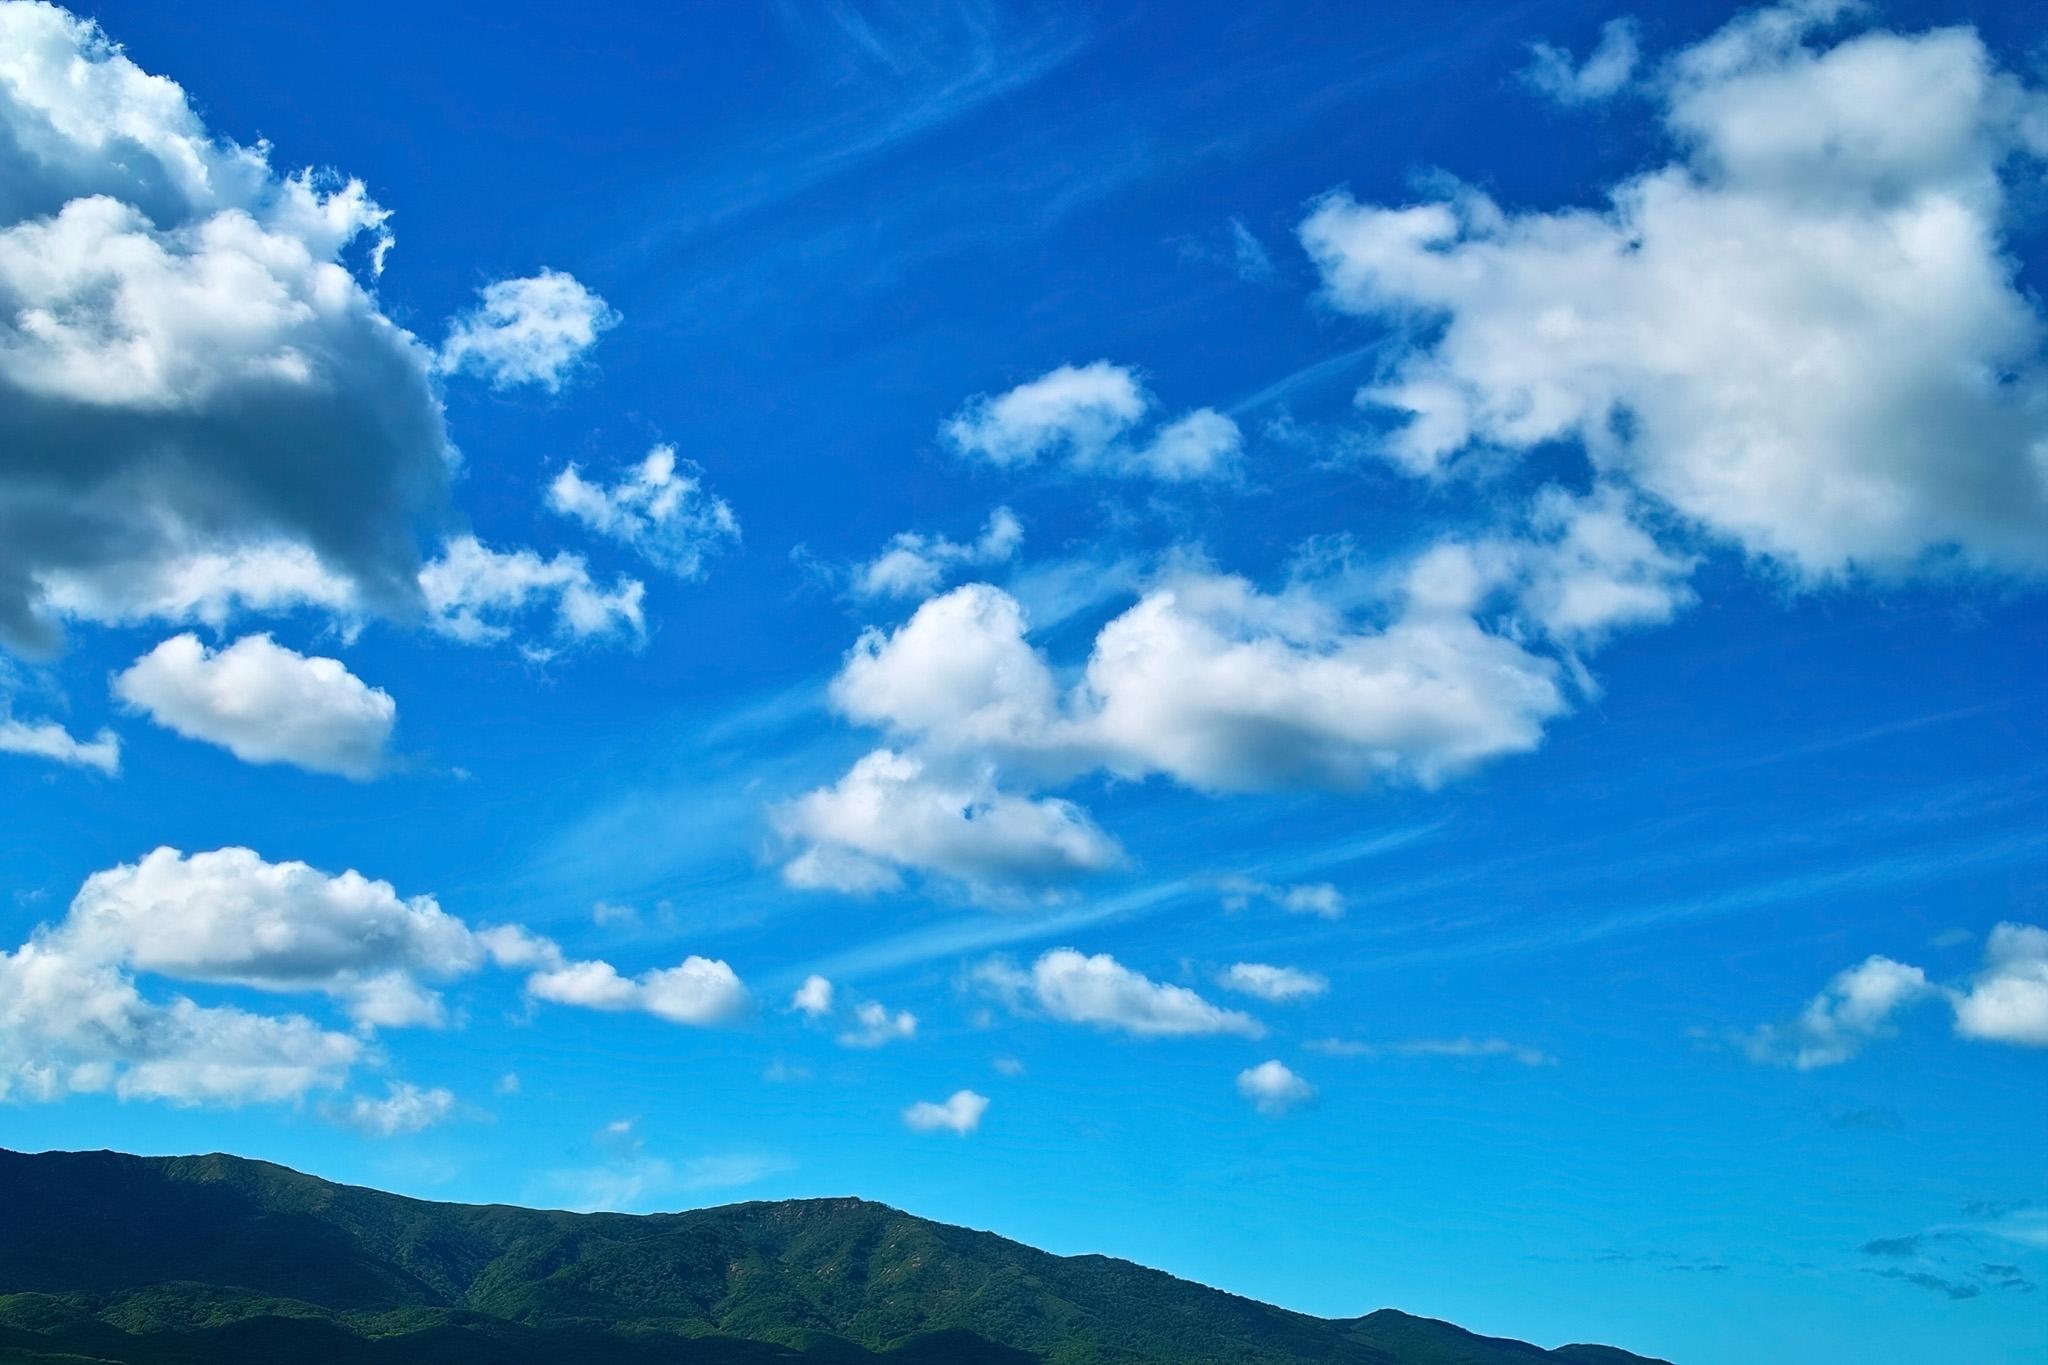 「山の上を流れる白い雲」